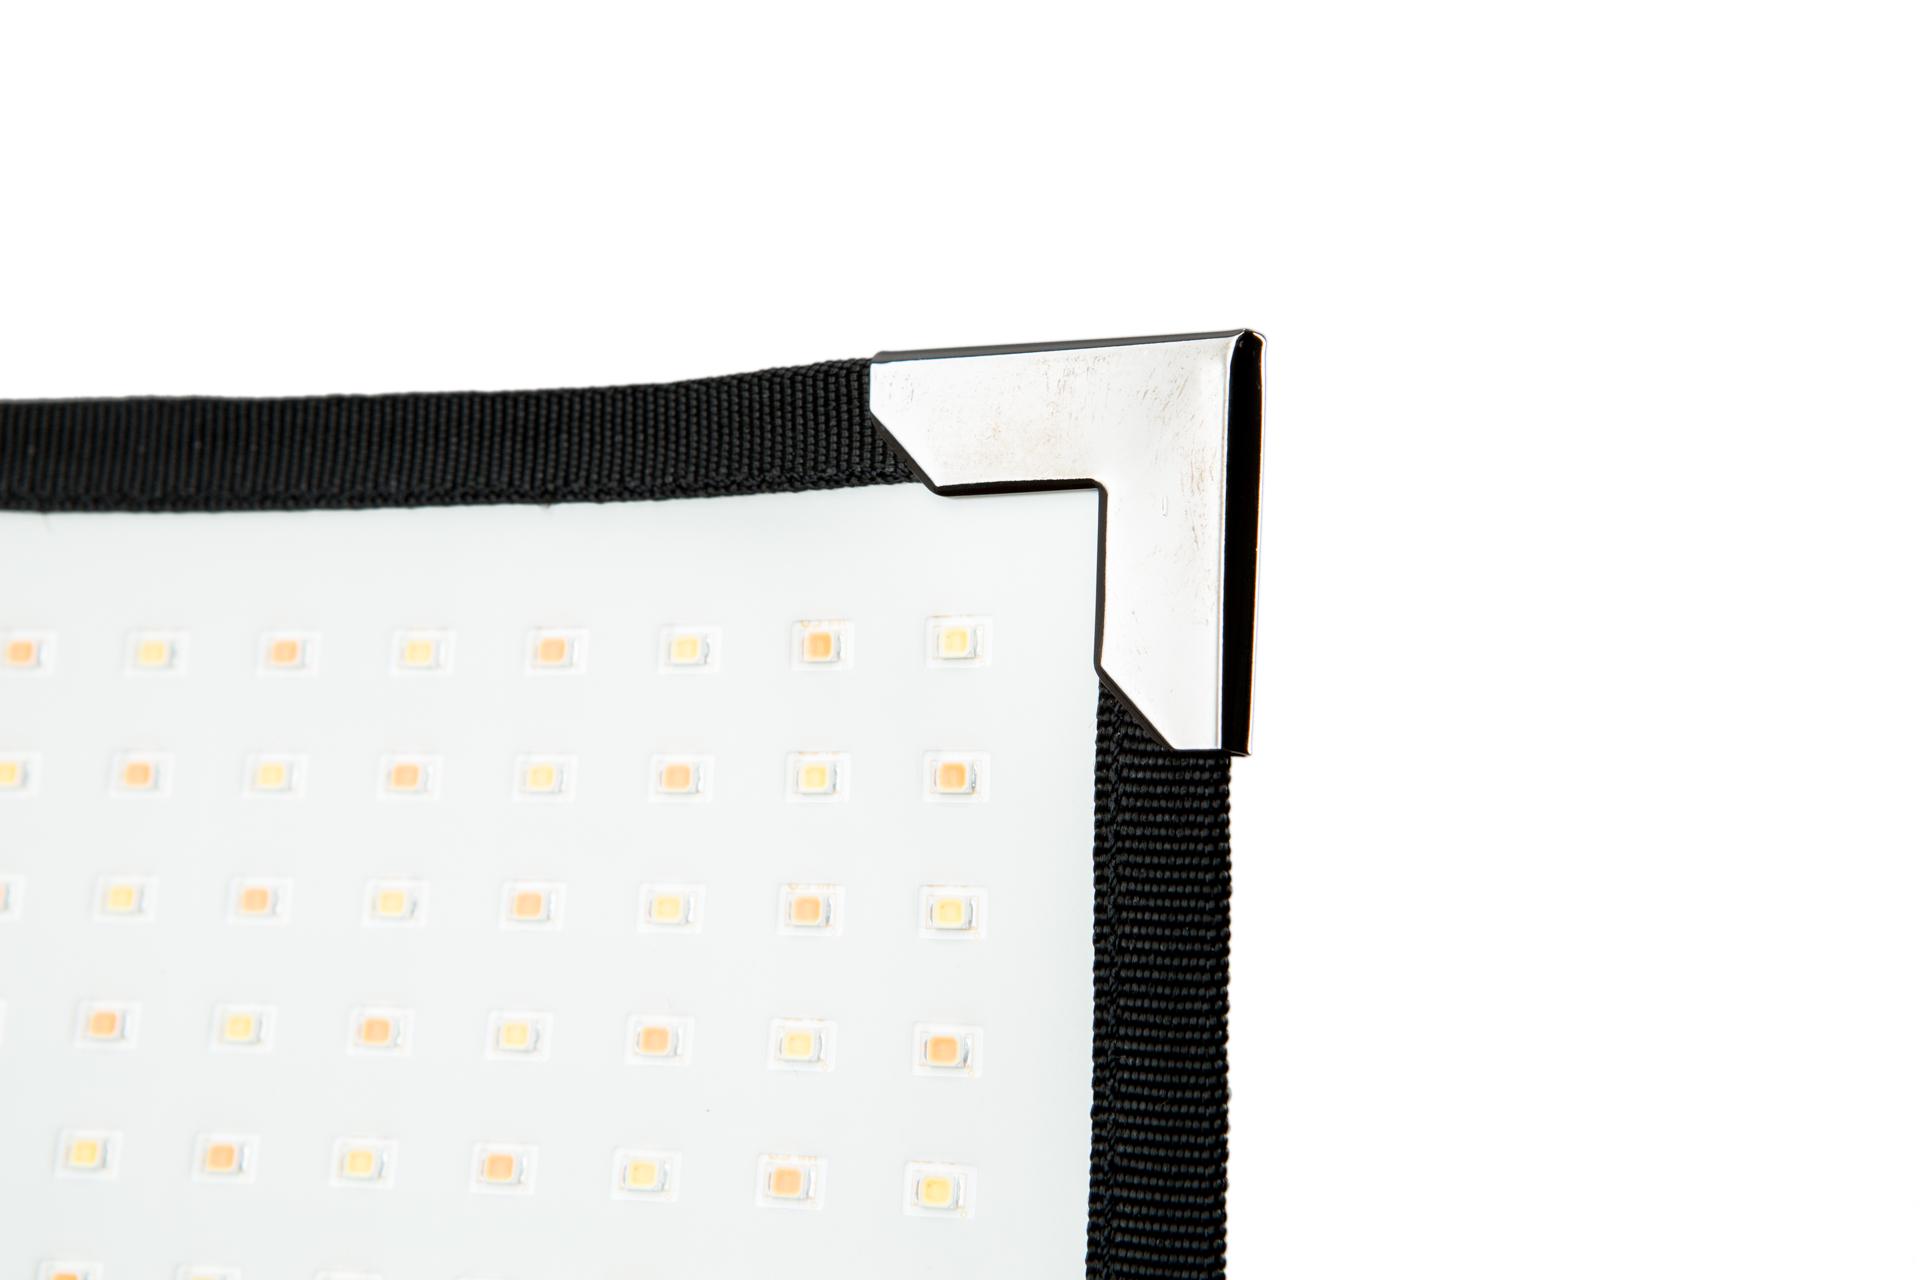 M09A5745  sc 1 st  Aladdin Lights & Aladdin BI-FLEX 1 - Aladdin Lights azcodes.com